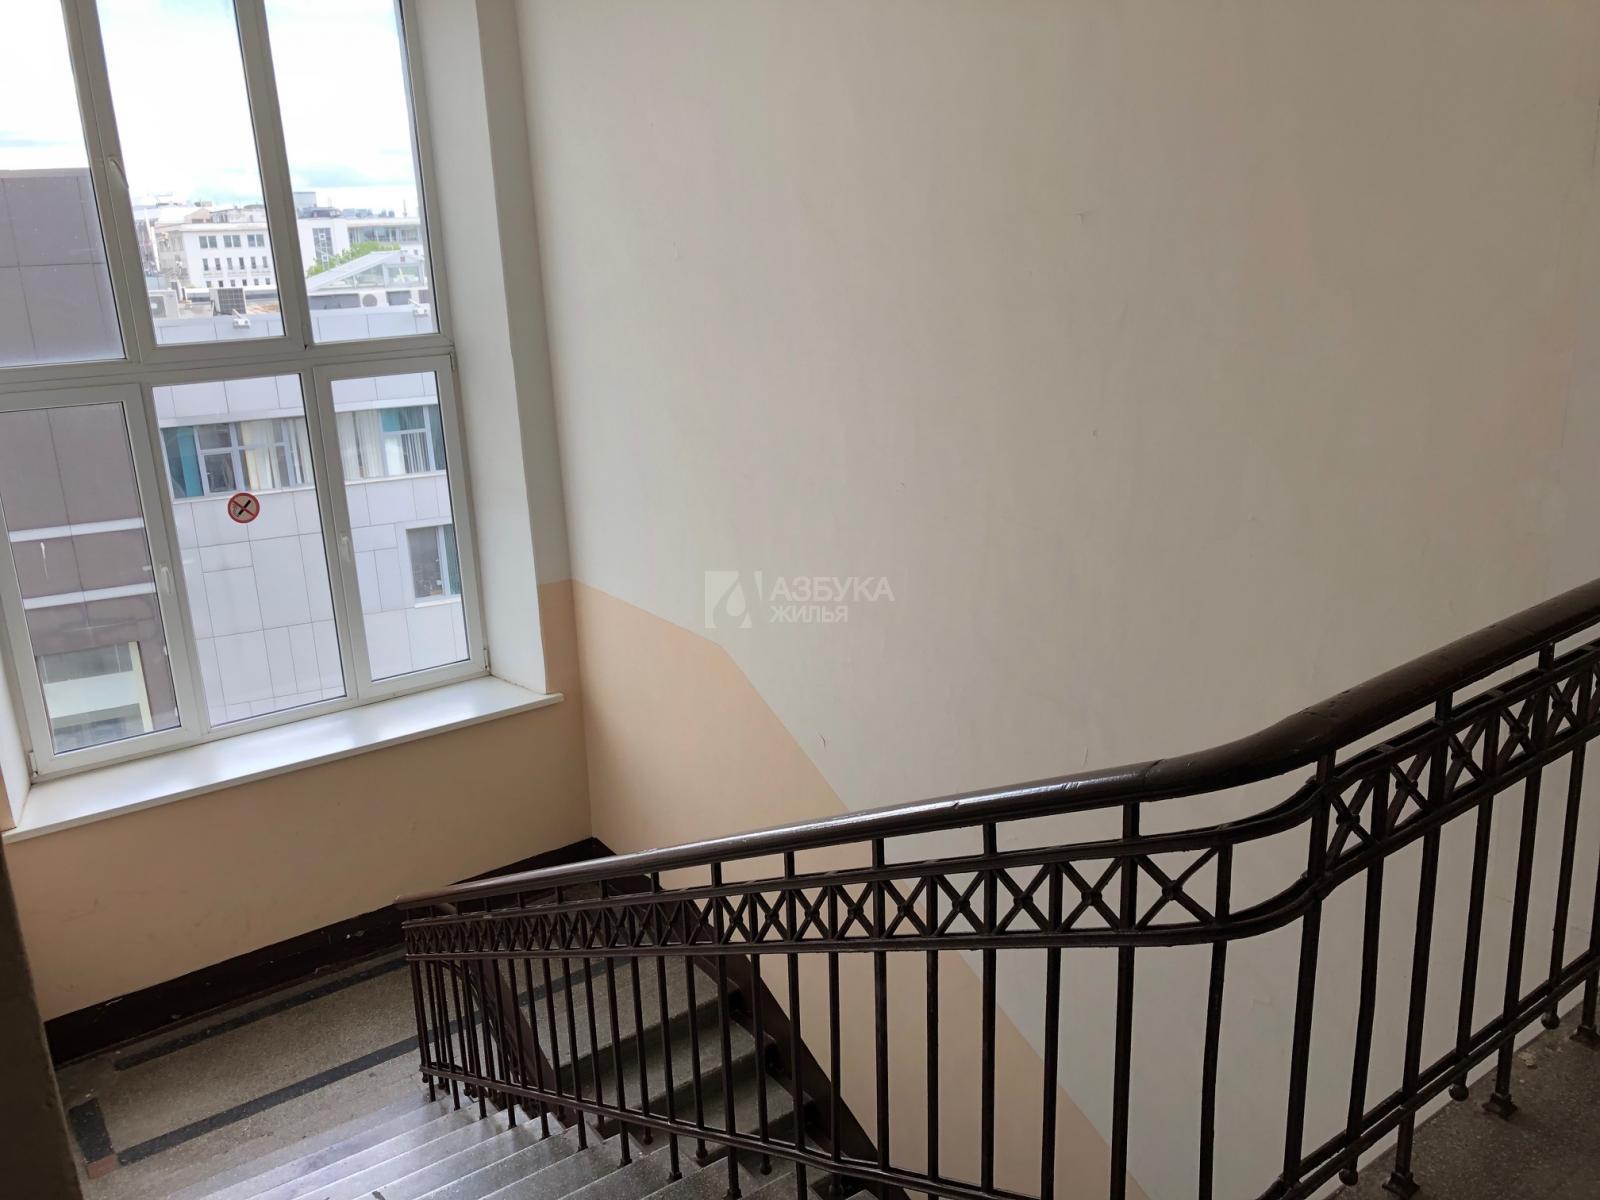 Фото №5 - 7-комнатная квартира, Москва, Николопесковский М. переулок 11 корпус 2 строение 1, метро Смоленская